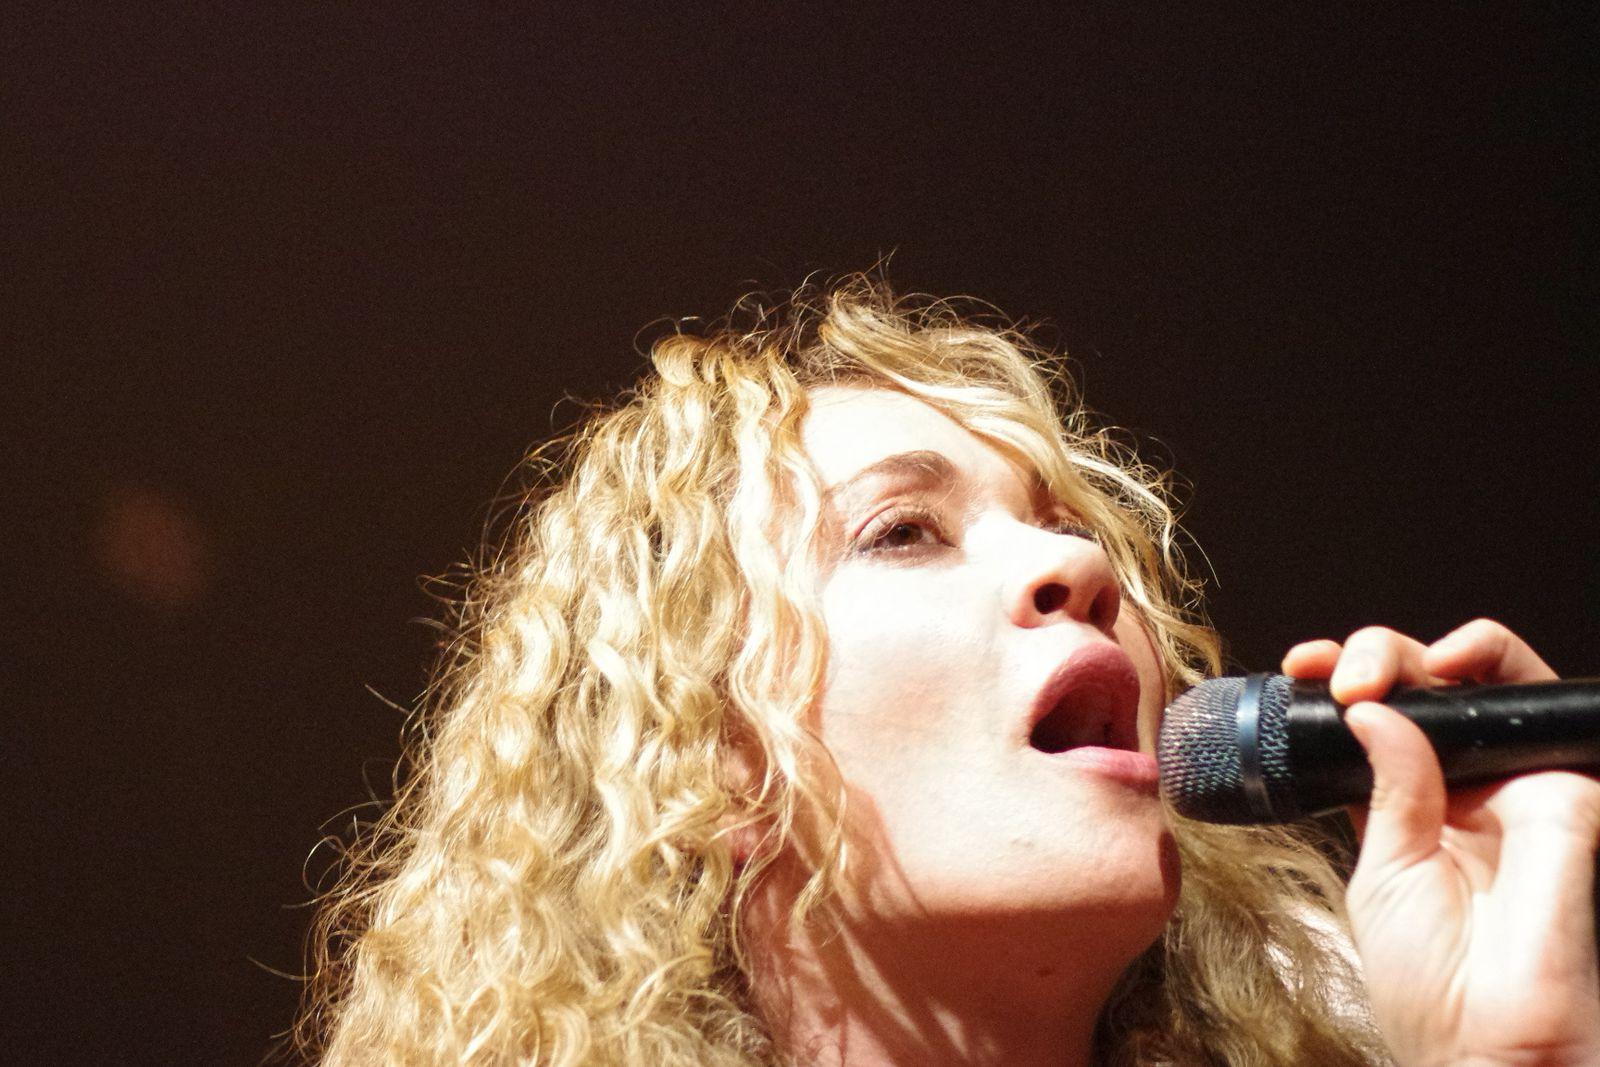 Dana Fuchs - 11 octobre 2013 - MJC Athena, St Saulve (59)